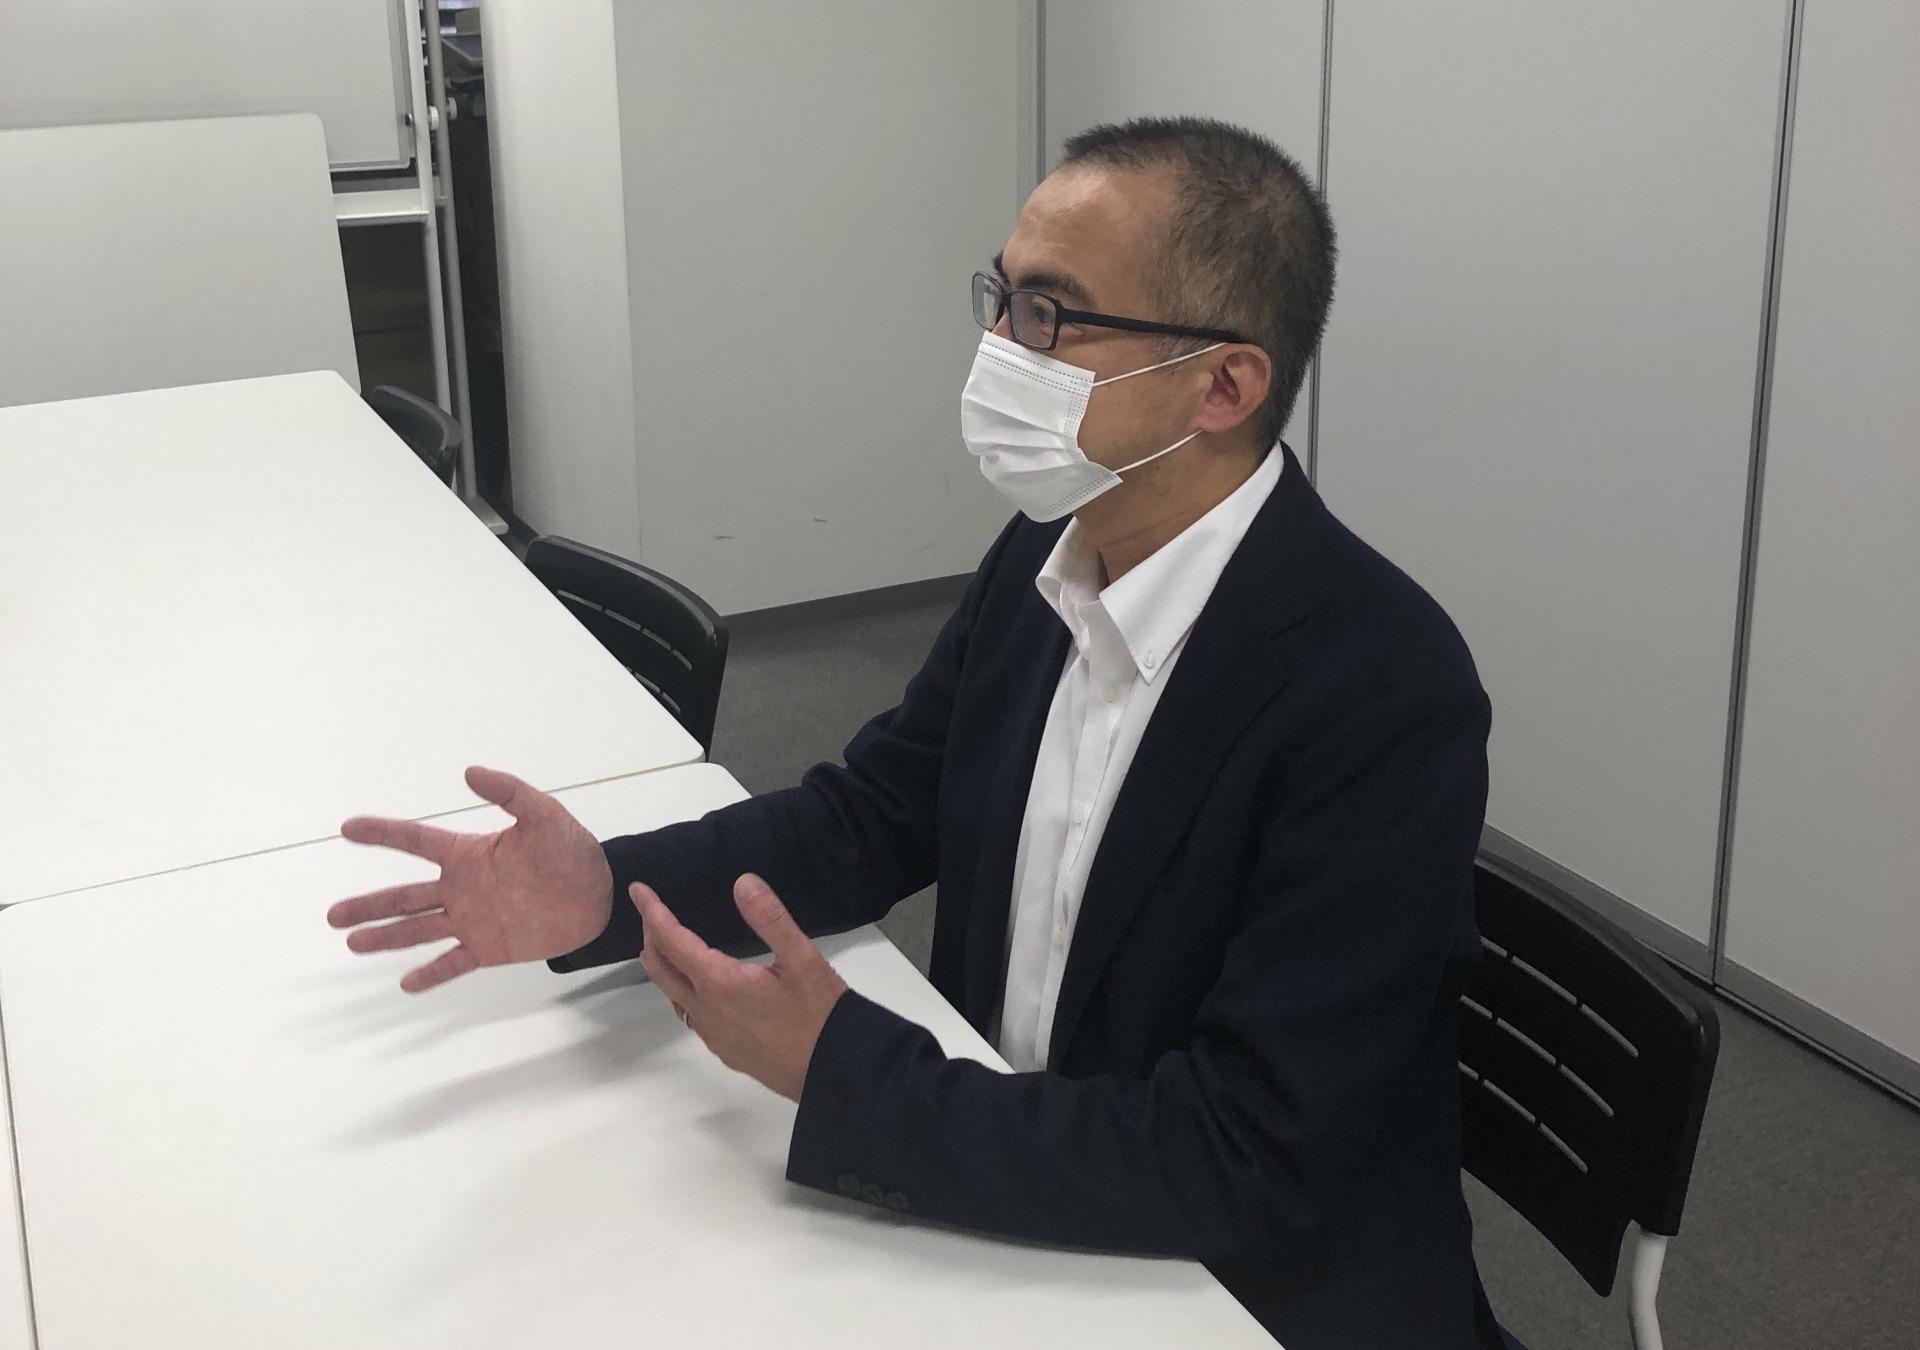 株式会社 ホテル京阪 セールス&マーケティング統括部 マーケティング担当 中村延史さん